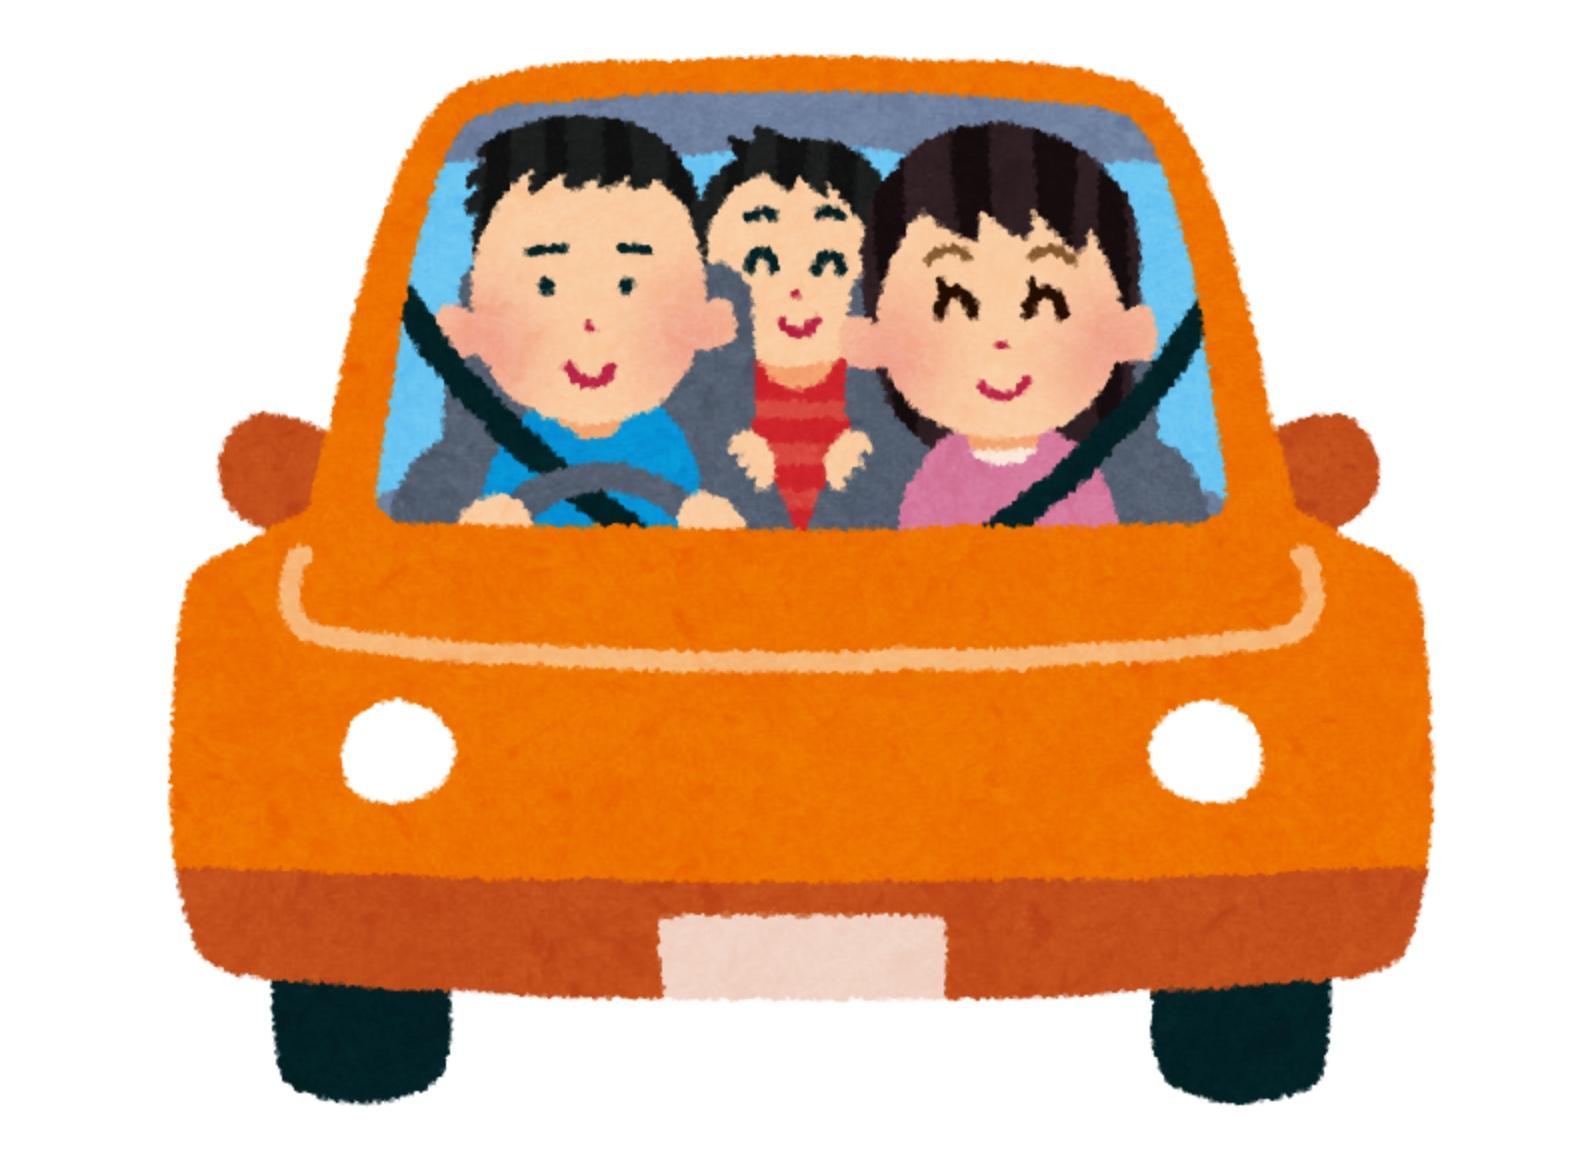 216円で作れる!ベビーインカー(baby in car)マグネットの作り方!